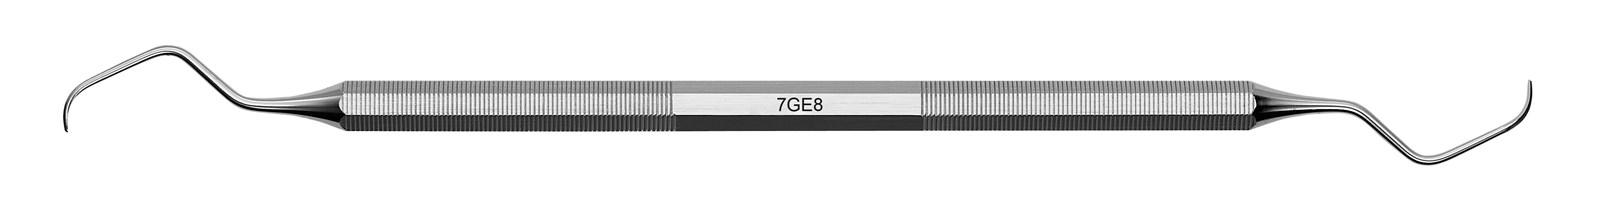 Kyreta Gracey Classic - 7GE8, ADEP silikonový návlek tmavě zelený